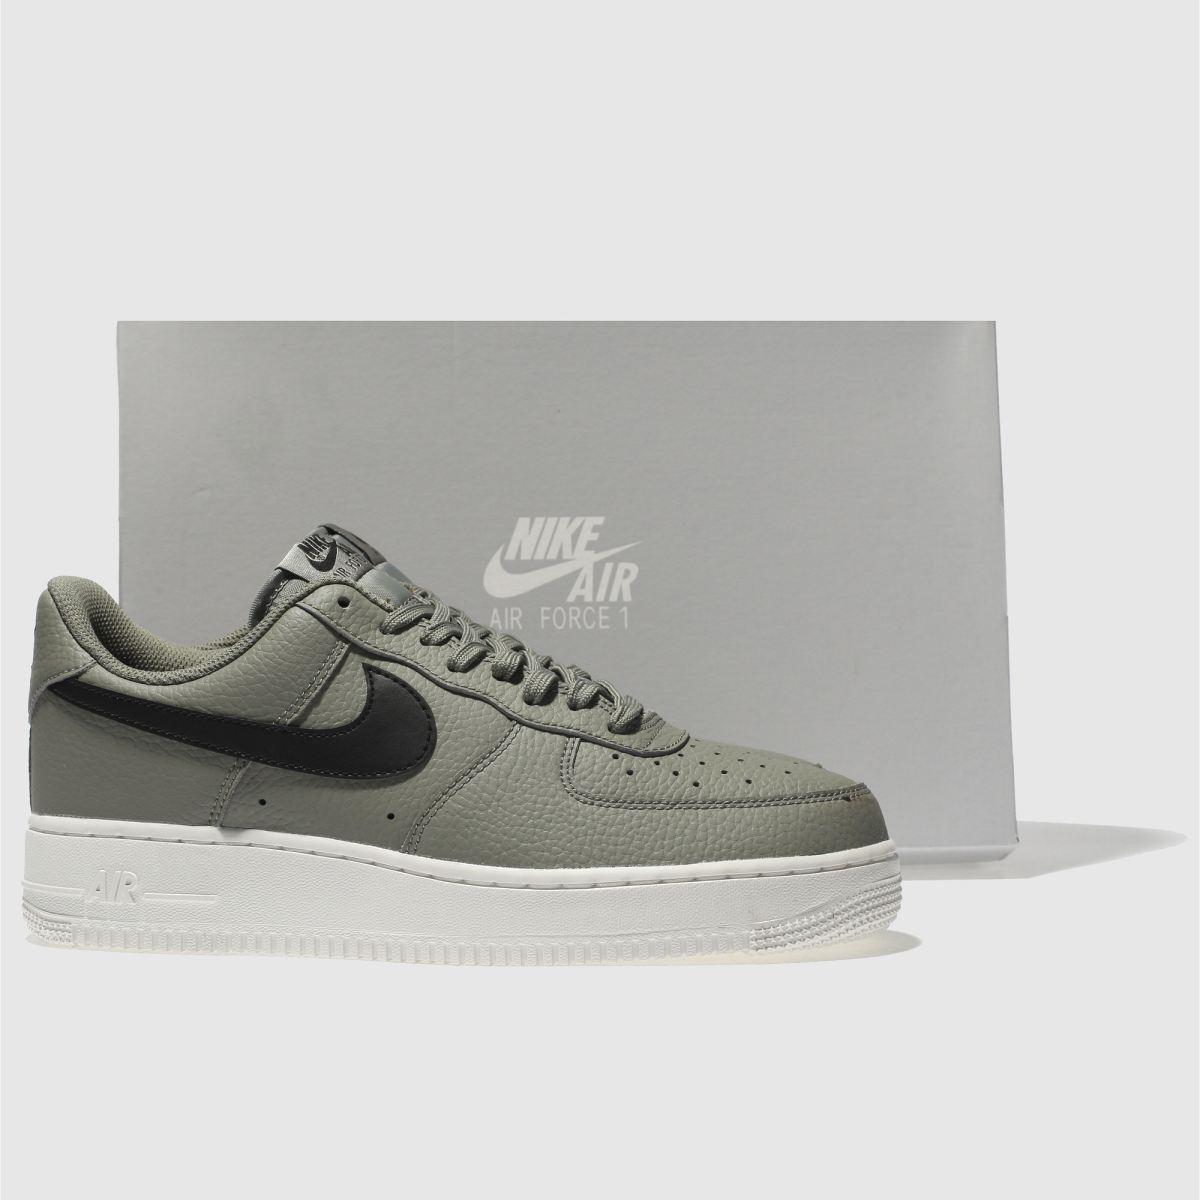 Herren Khaki nike Air Force 1 07 Sneaker | Schuhe schuh Gute Qualität beliebte Schuhe | 6f404a